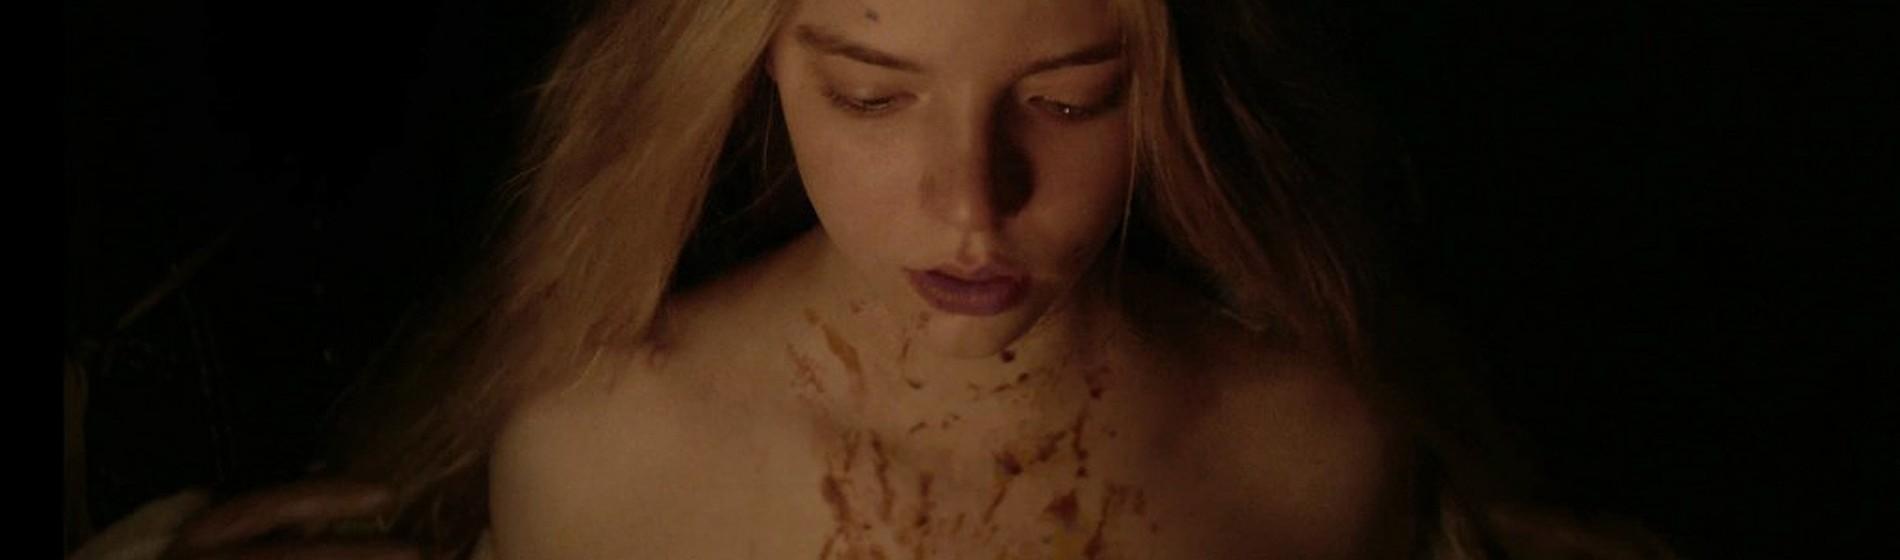 Imagem do filme A Bruxa, ou The Witch. Na imagem uma jovem nua e ensanguentada aparece na frente de um fundo preto.